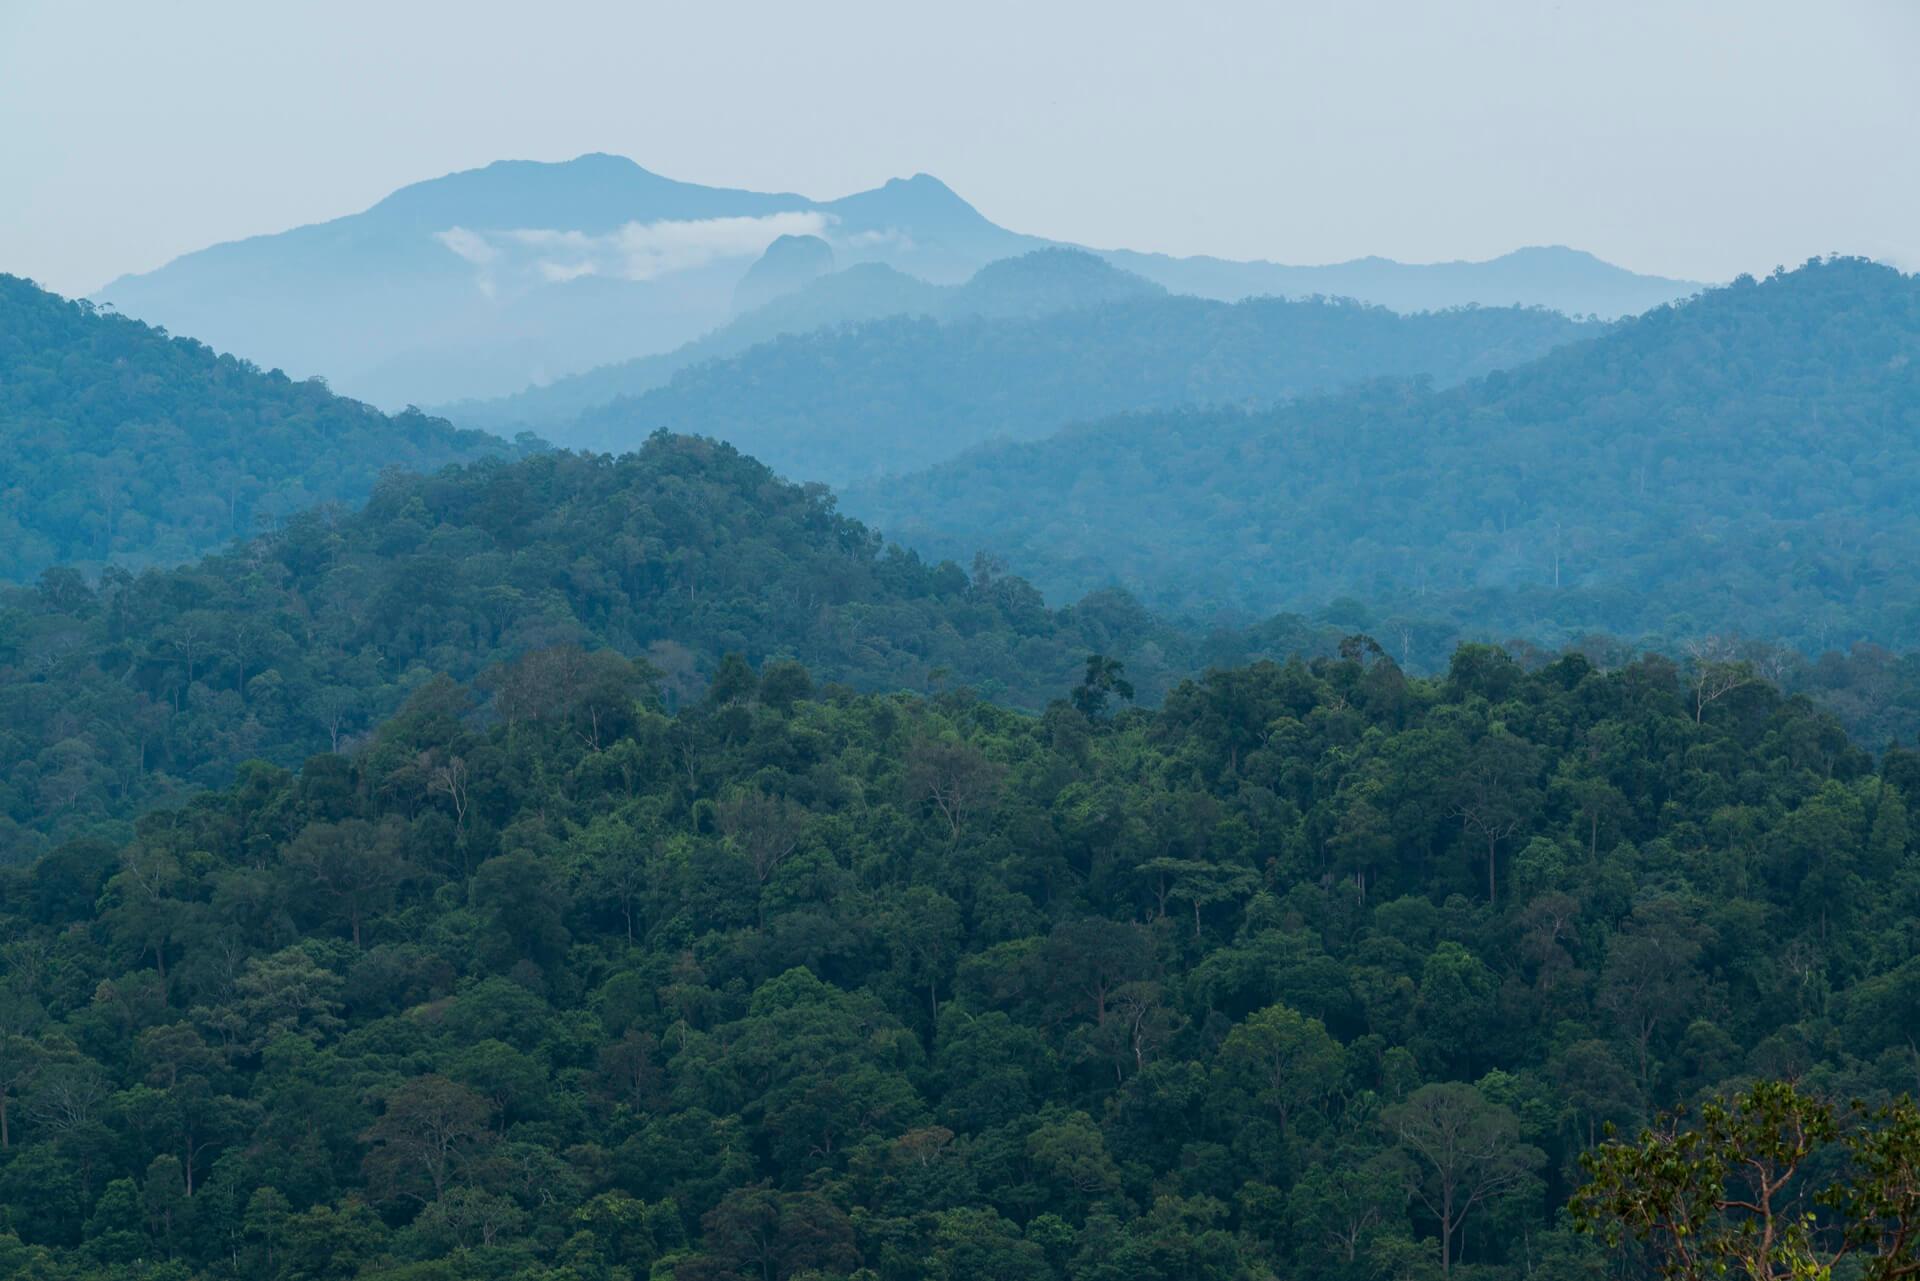 Looking into Taman Negara atop Bukit Awan in Jerantut. Gunung Tahan rises in the distance.